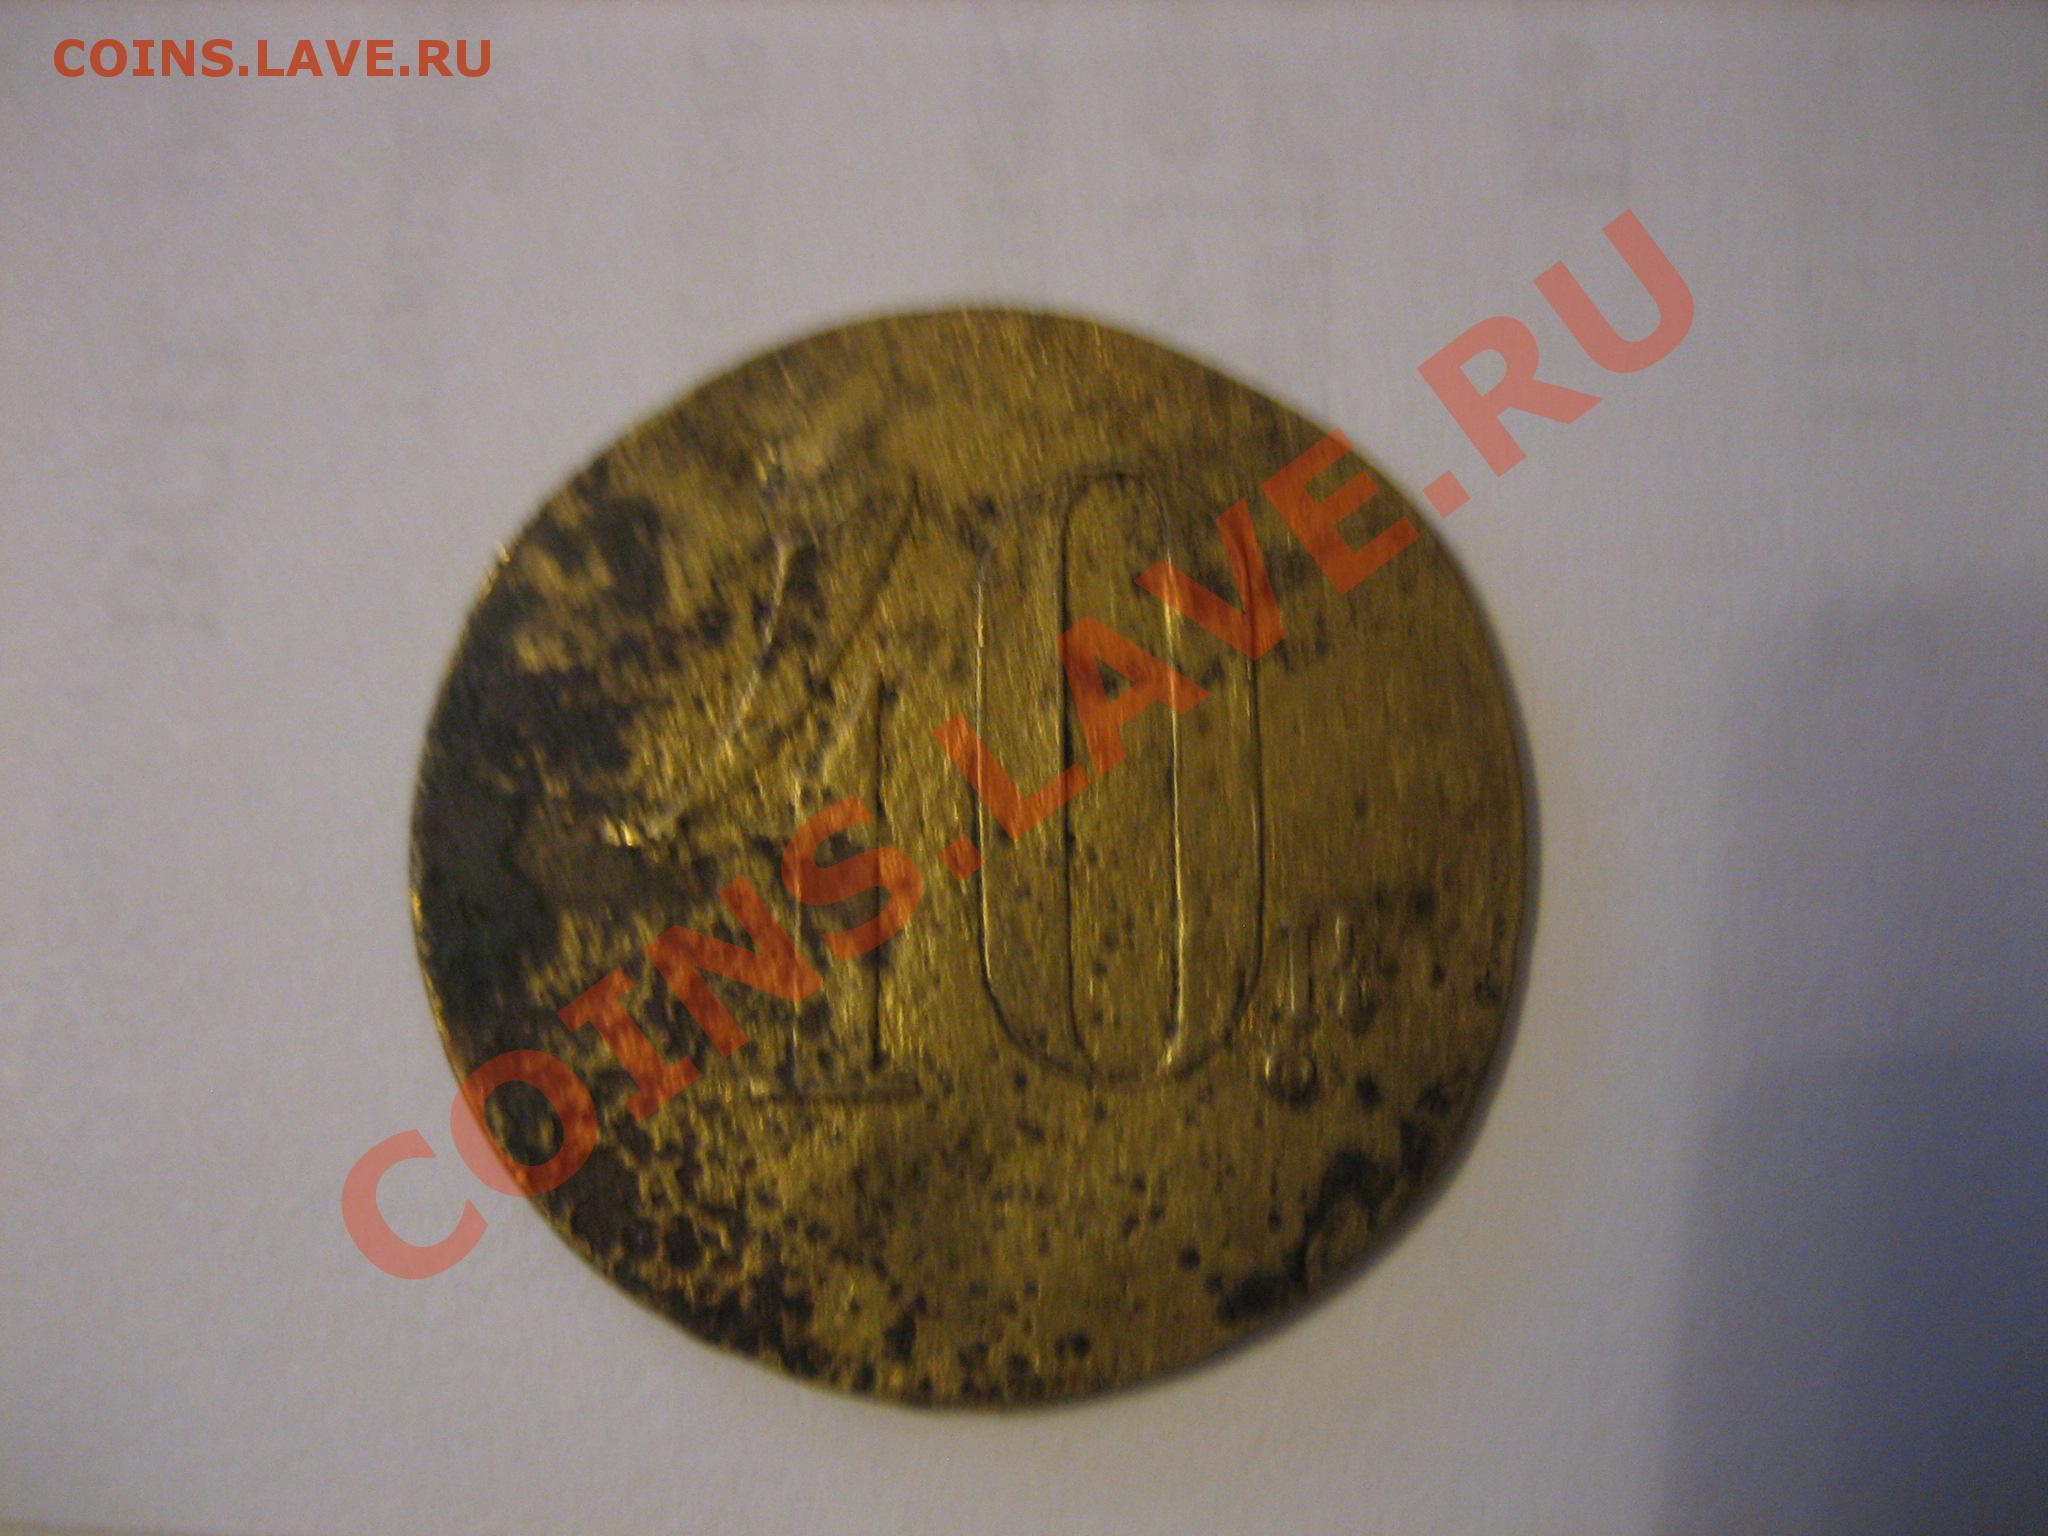 Оцените анонимные трактирные жетоны 12 коп. и 40 коп. - монеты россии и ссср.